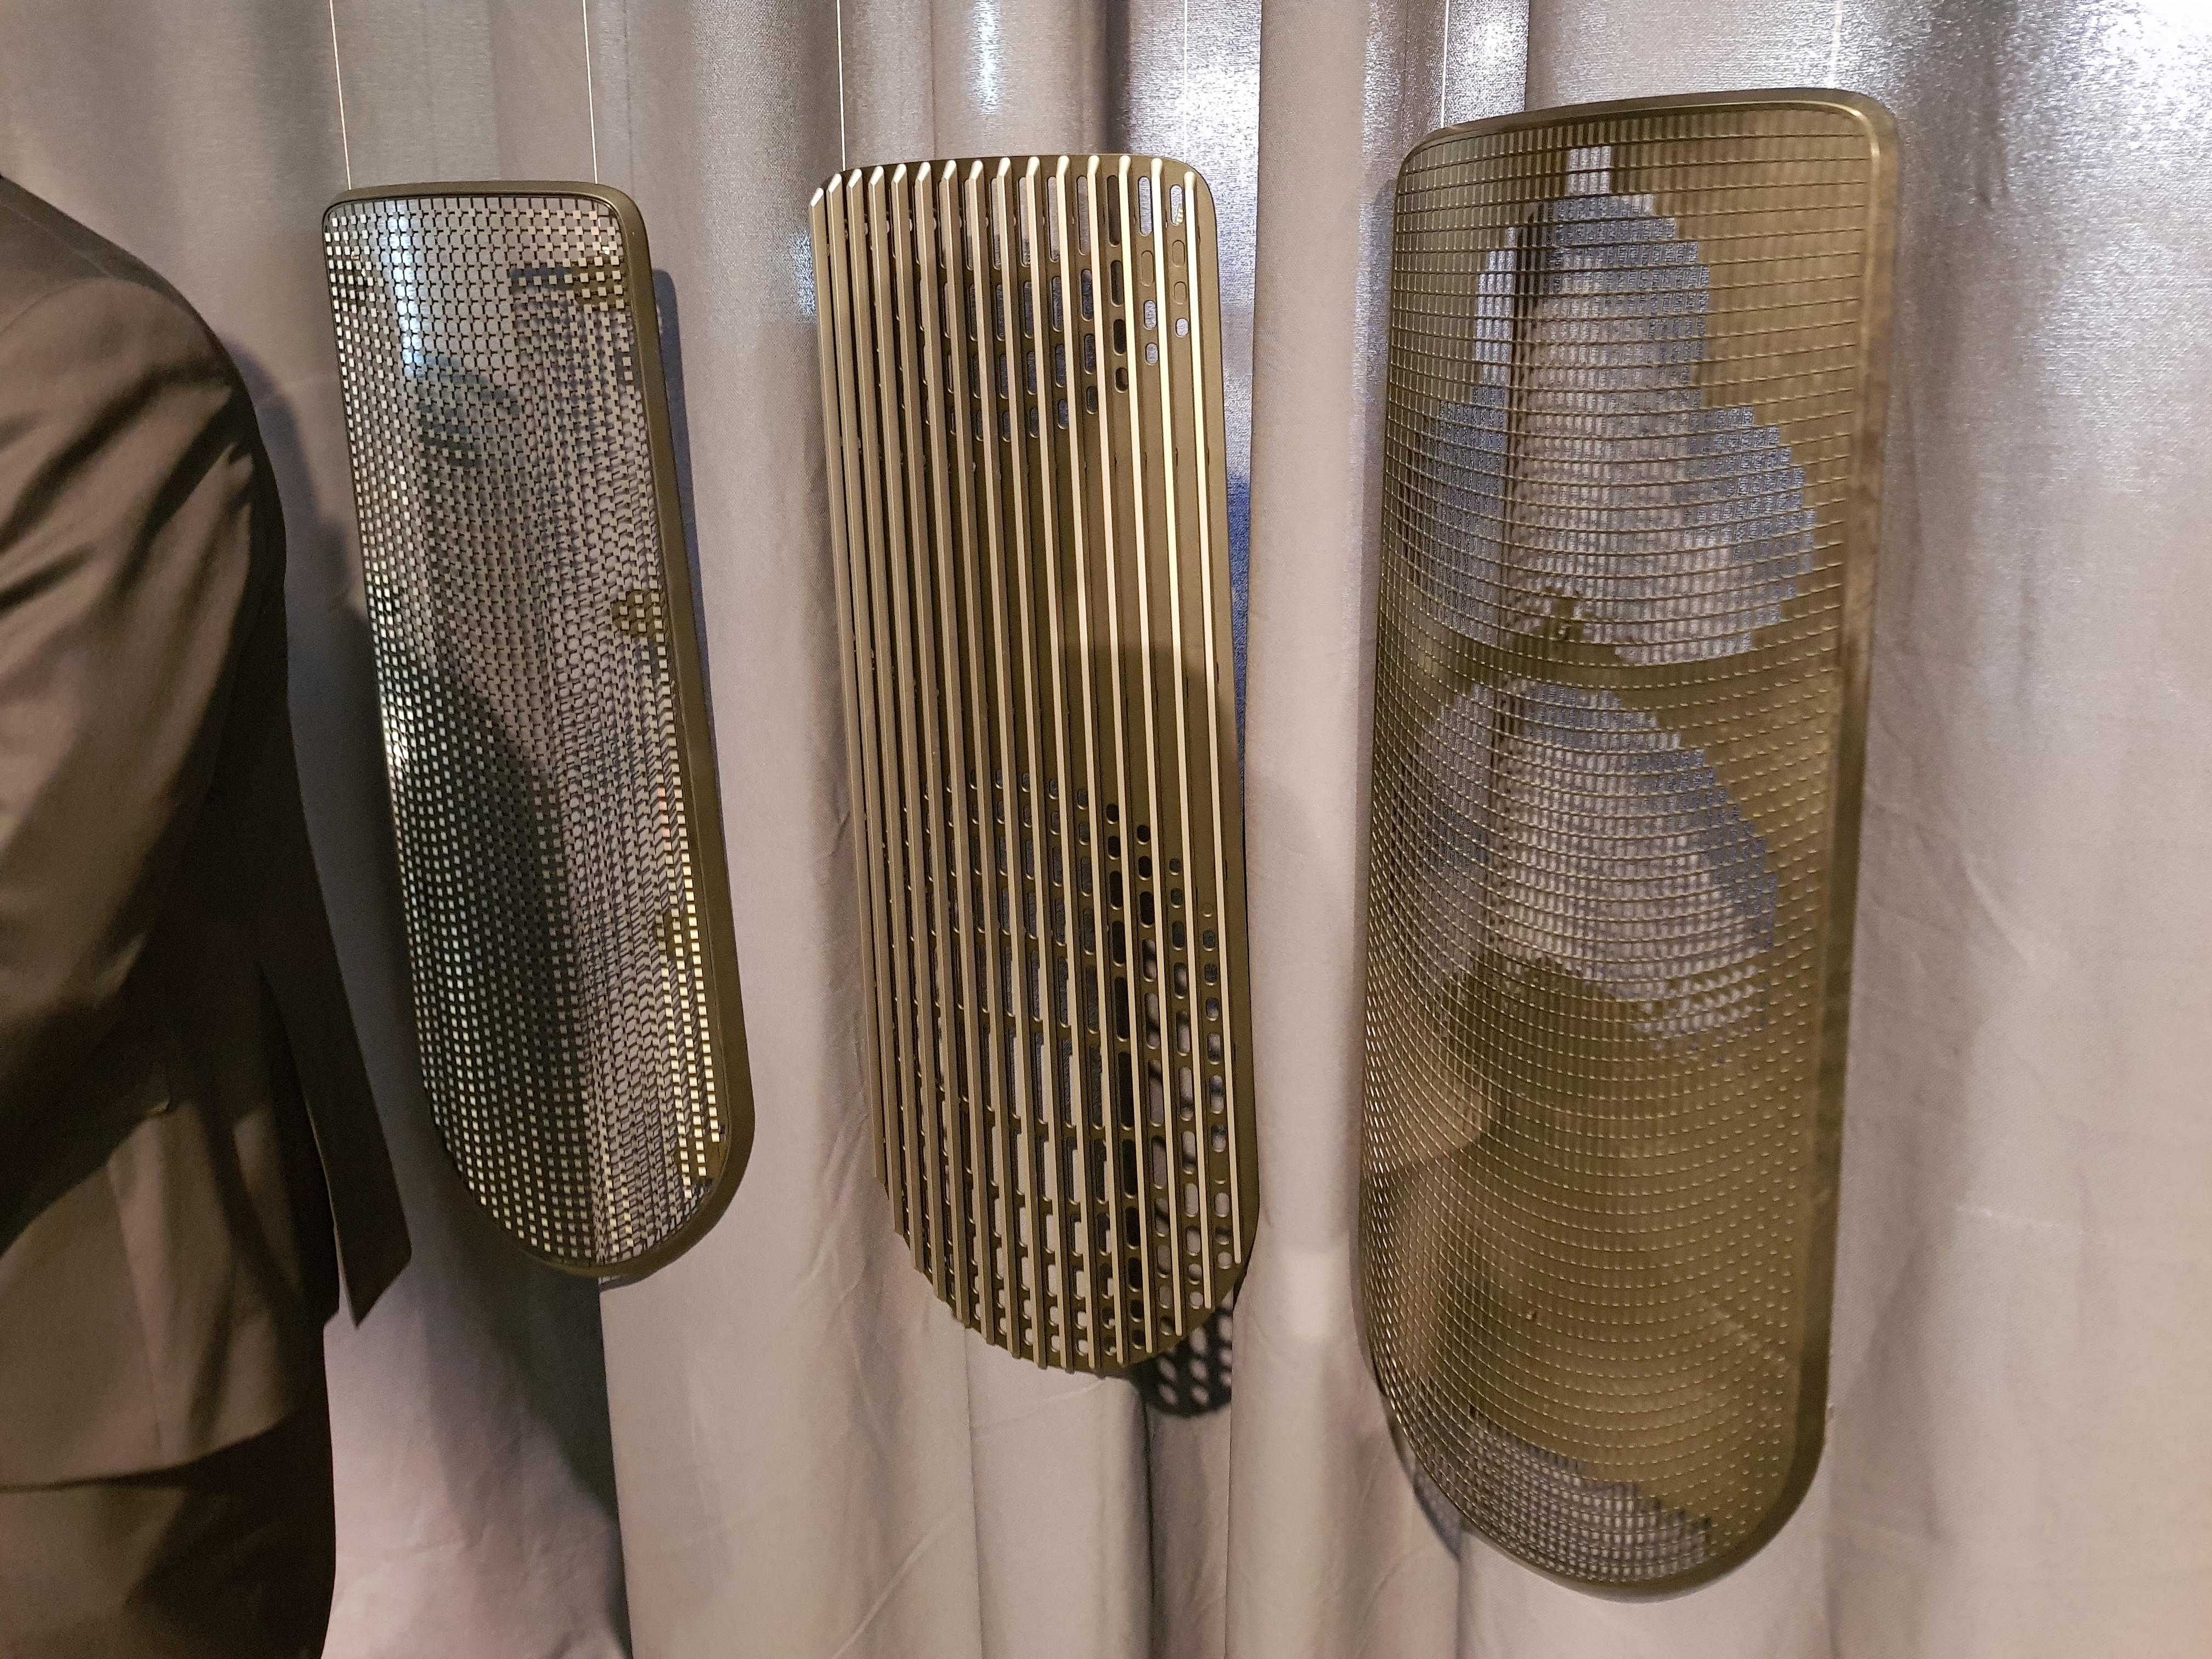 Estos son los paneles del altavoz